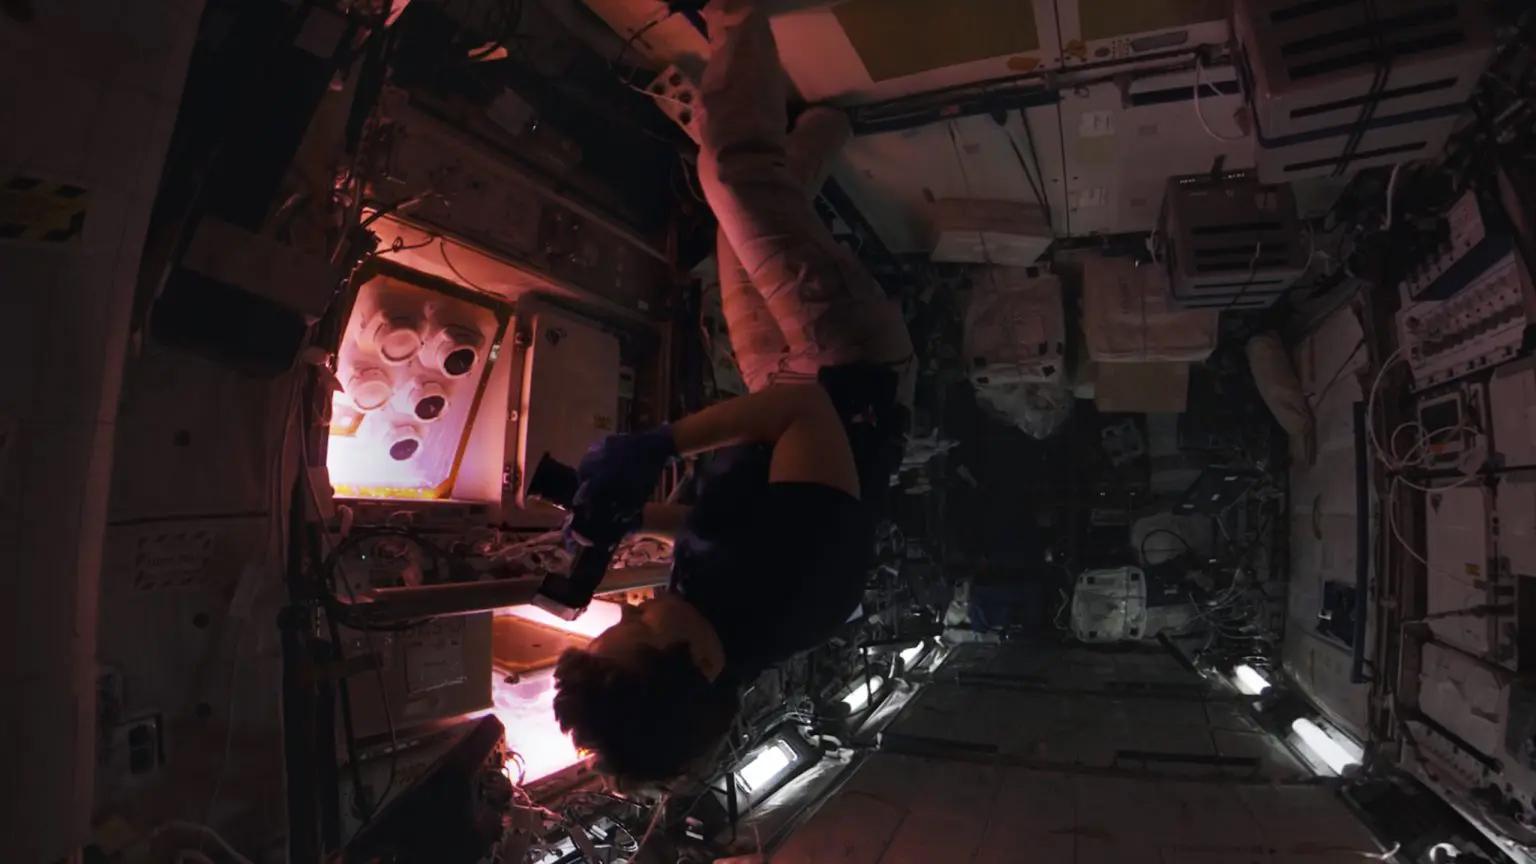 отправиться в космос в виар шлеме